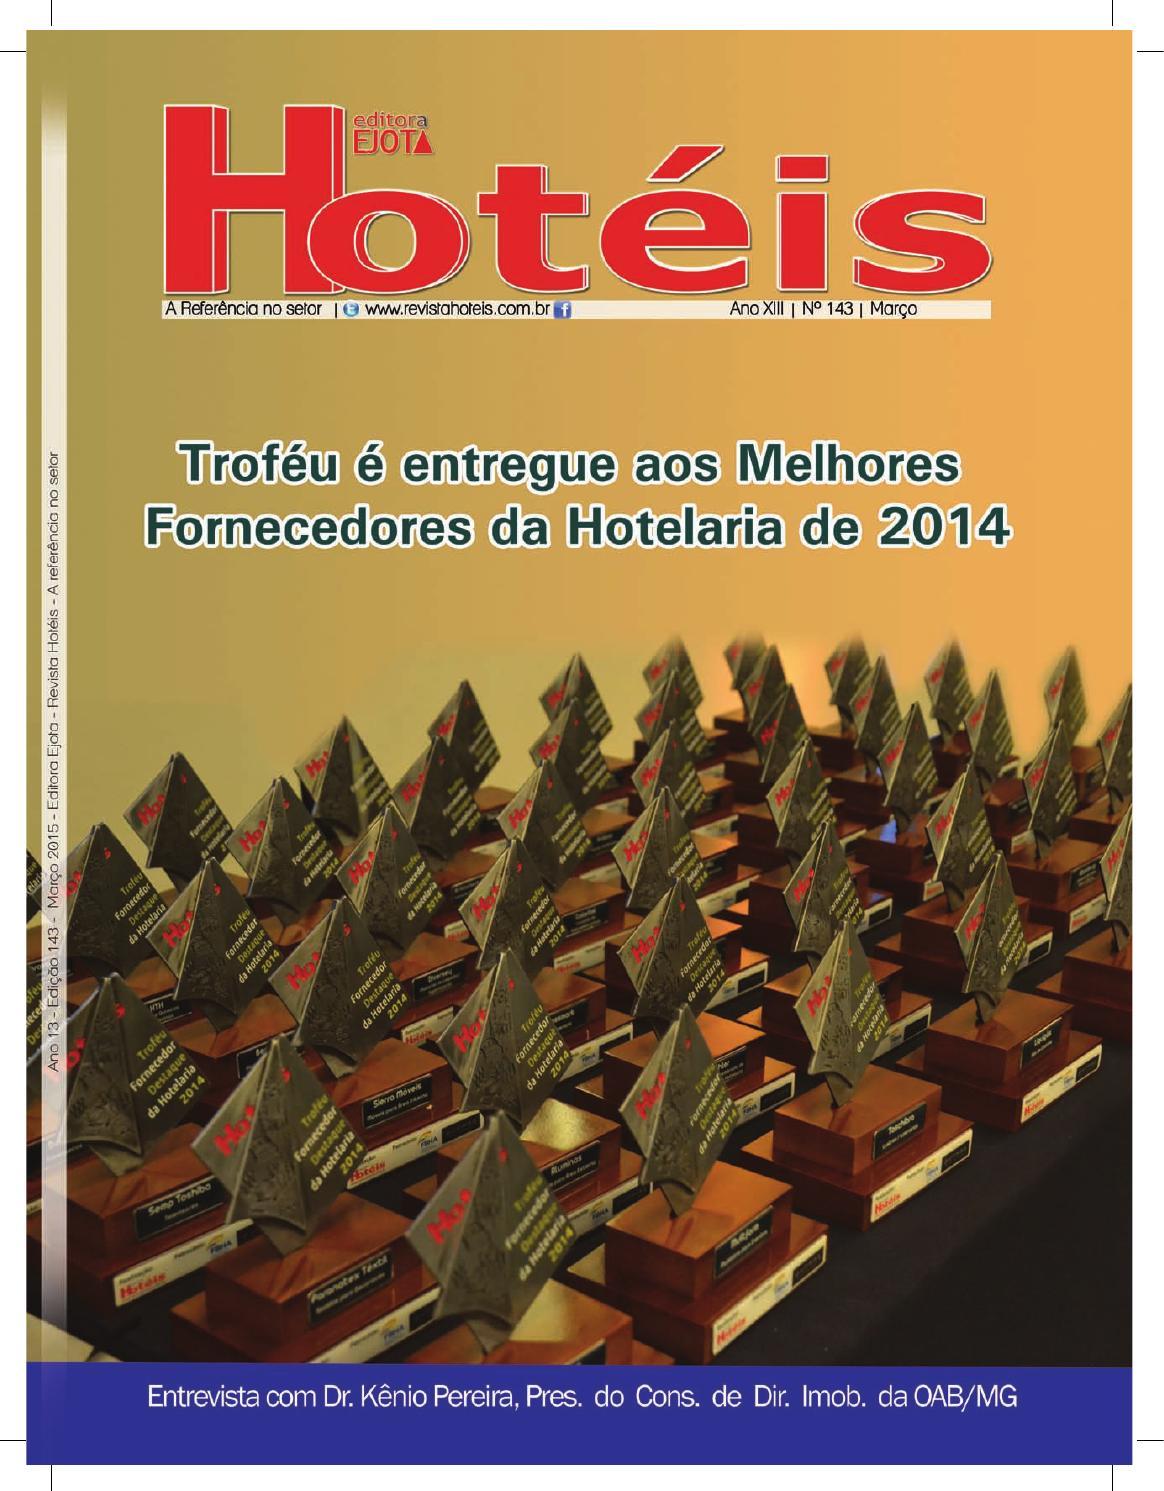 Revista Hotéis - Edição 143 by Revista Hotéis - issuu 3f5e1fe4c05